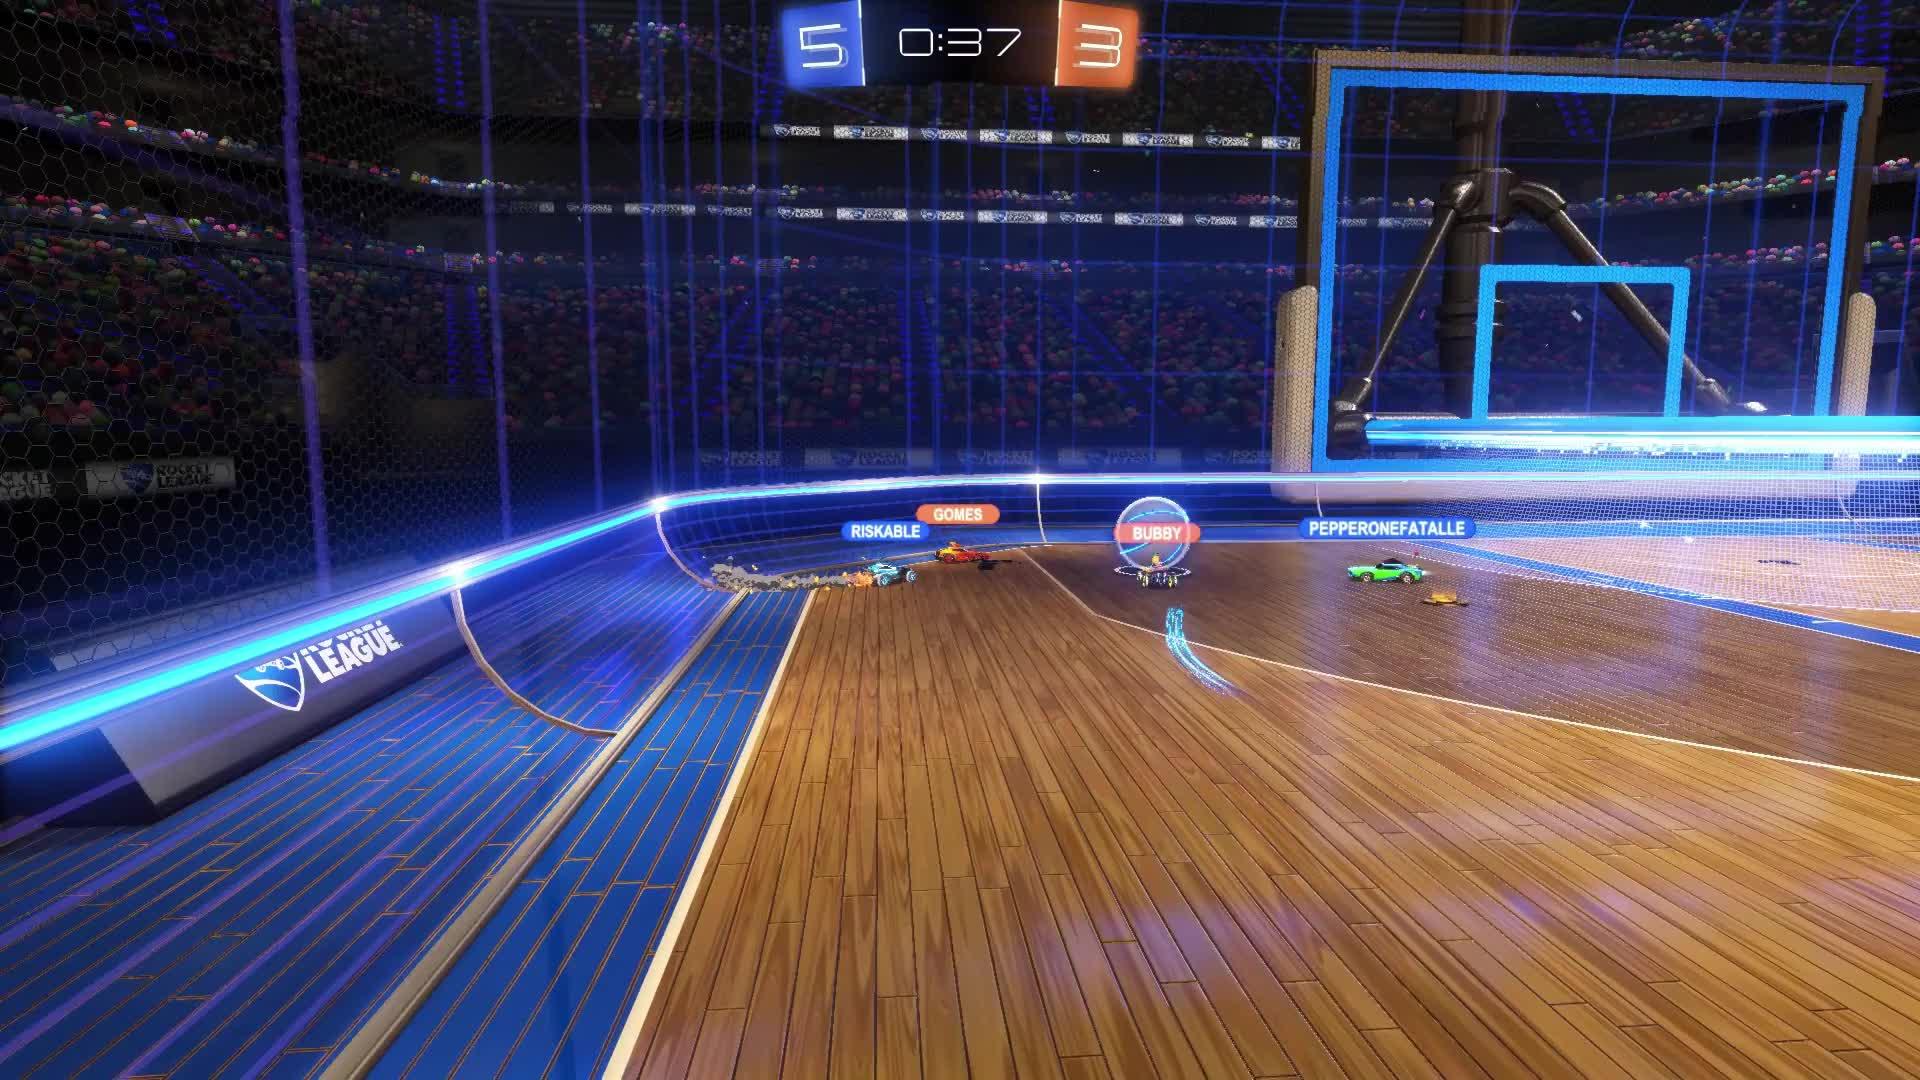 Hoops, Riskable, Rocket League, RocketLeague, Stop. Just Stop. GIFs